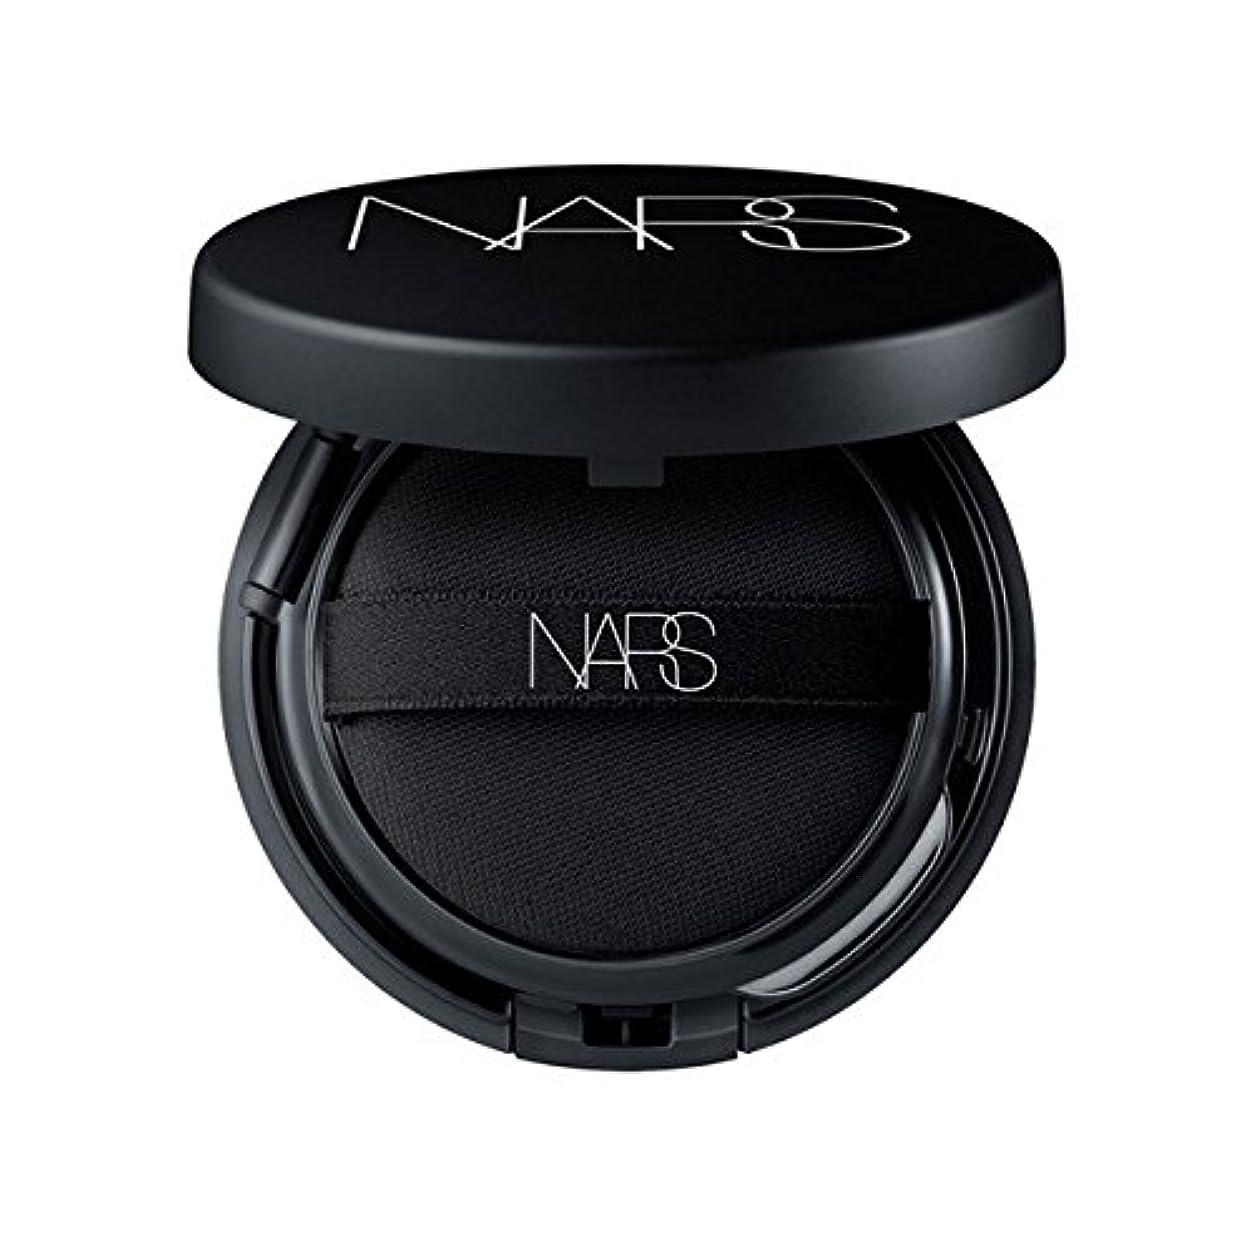 プロフィール犯す人間NARS(ナーズ) アクアティックグロー クッションコンパクト ケース